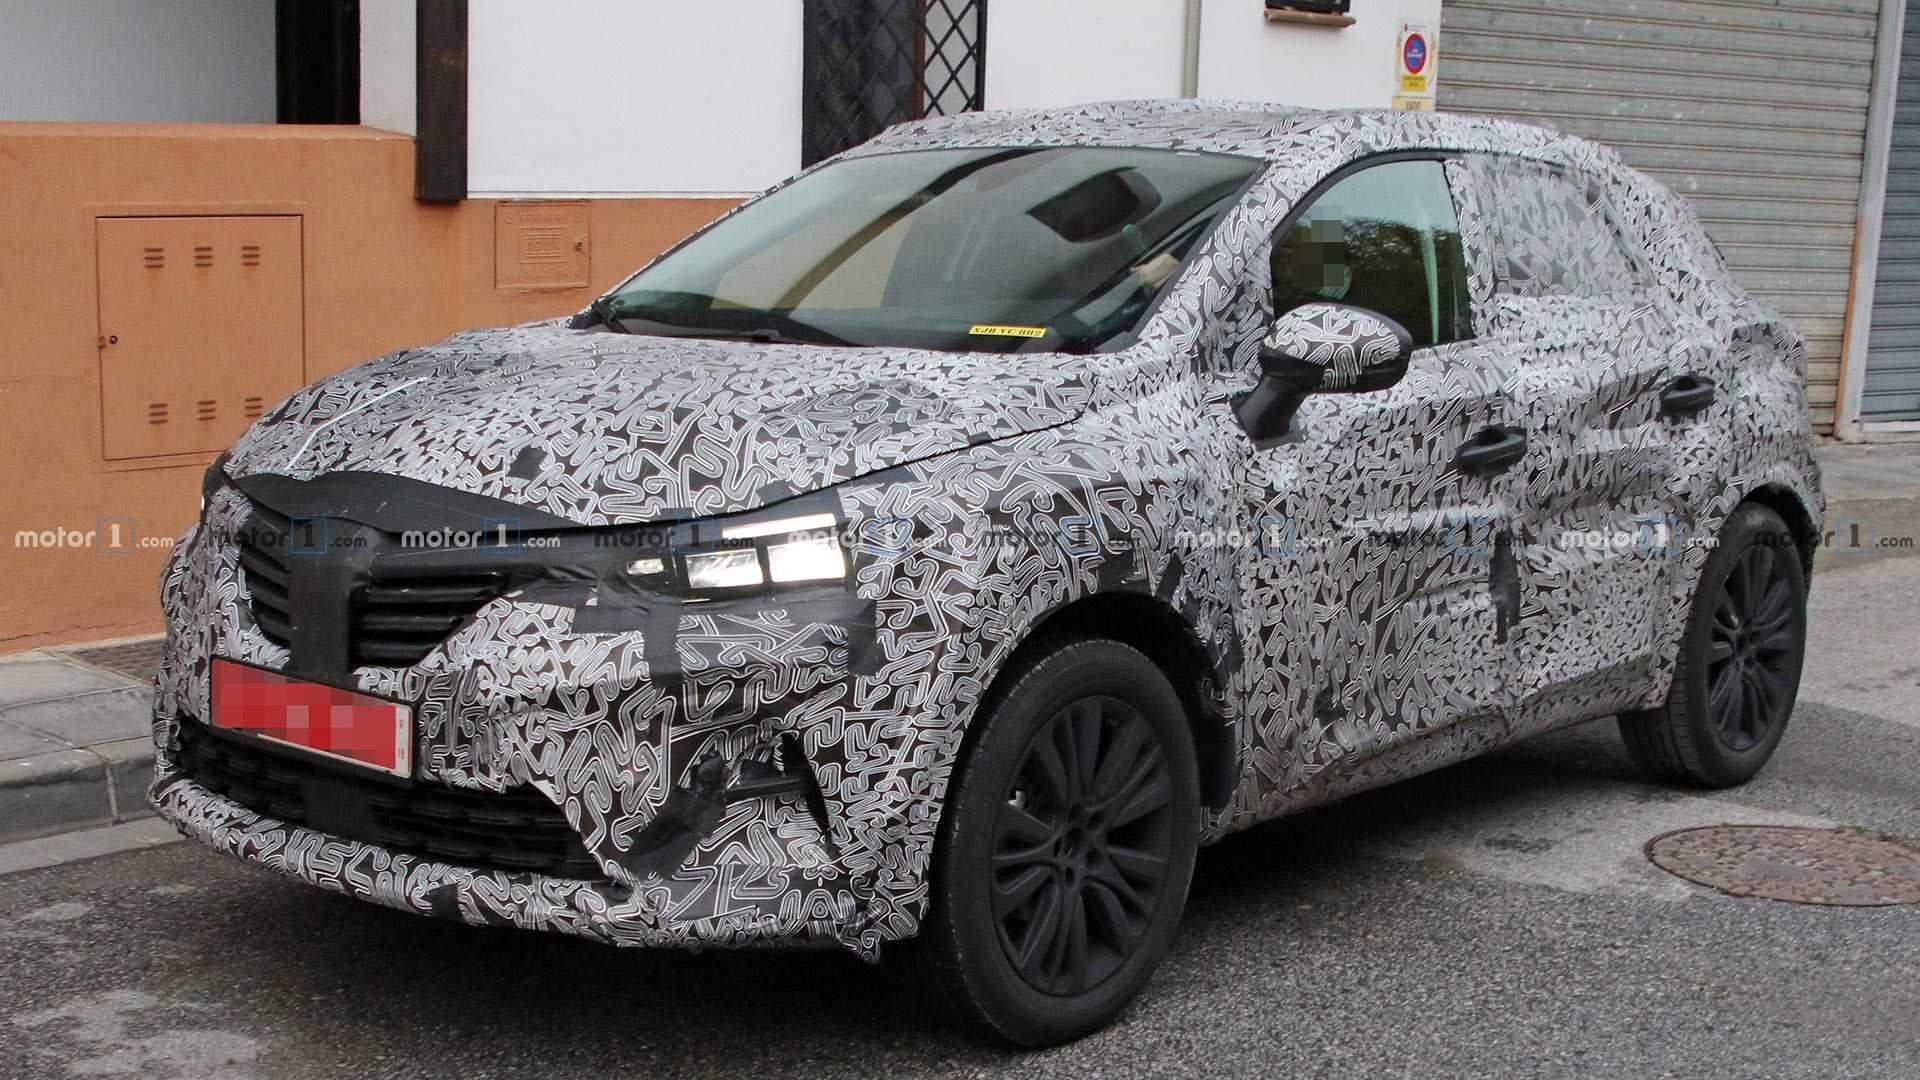 57 New Renault Kaptur 2019 Release with Renault Kaptur 2019